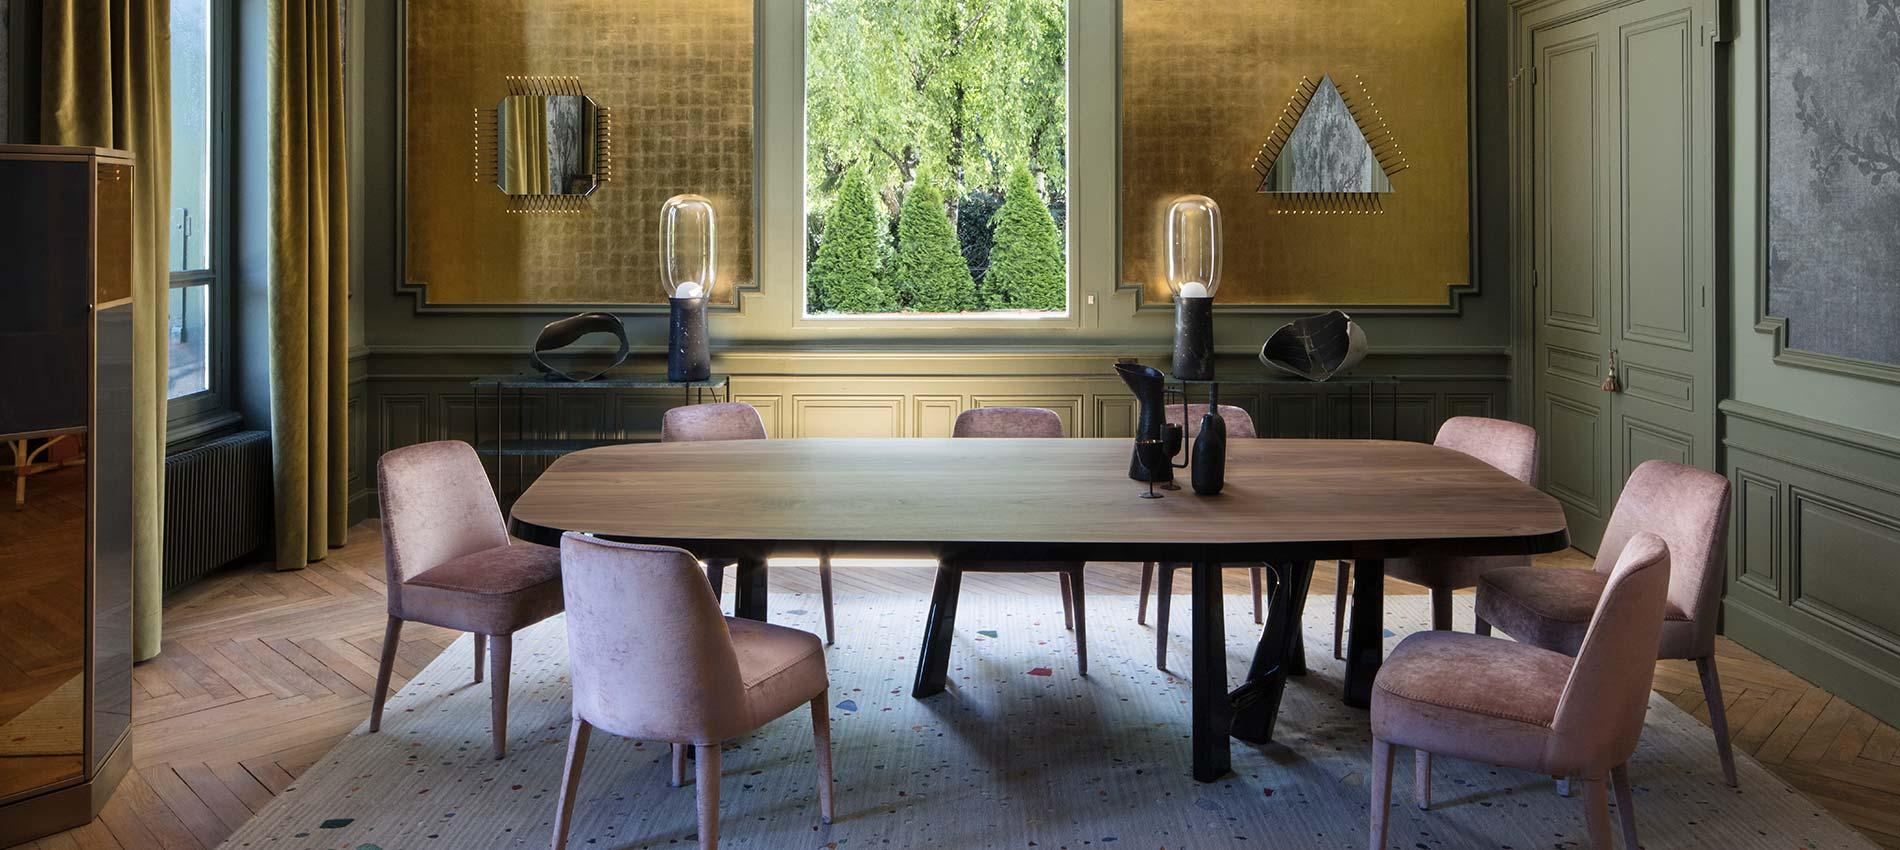 Le passé revisité. Réalisation Claude Cartier à Lyon, décoration et architecte à Lyon .